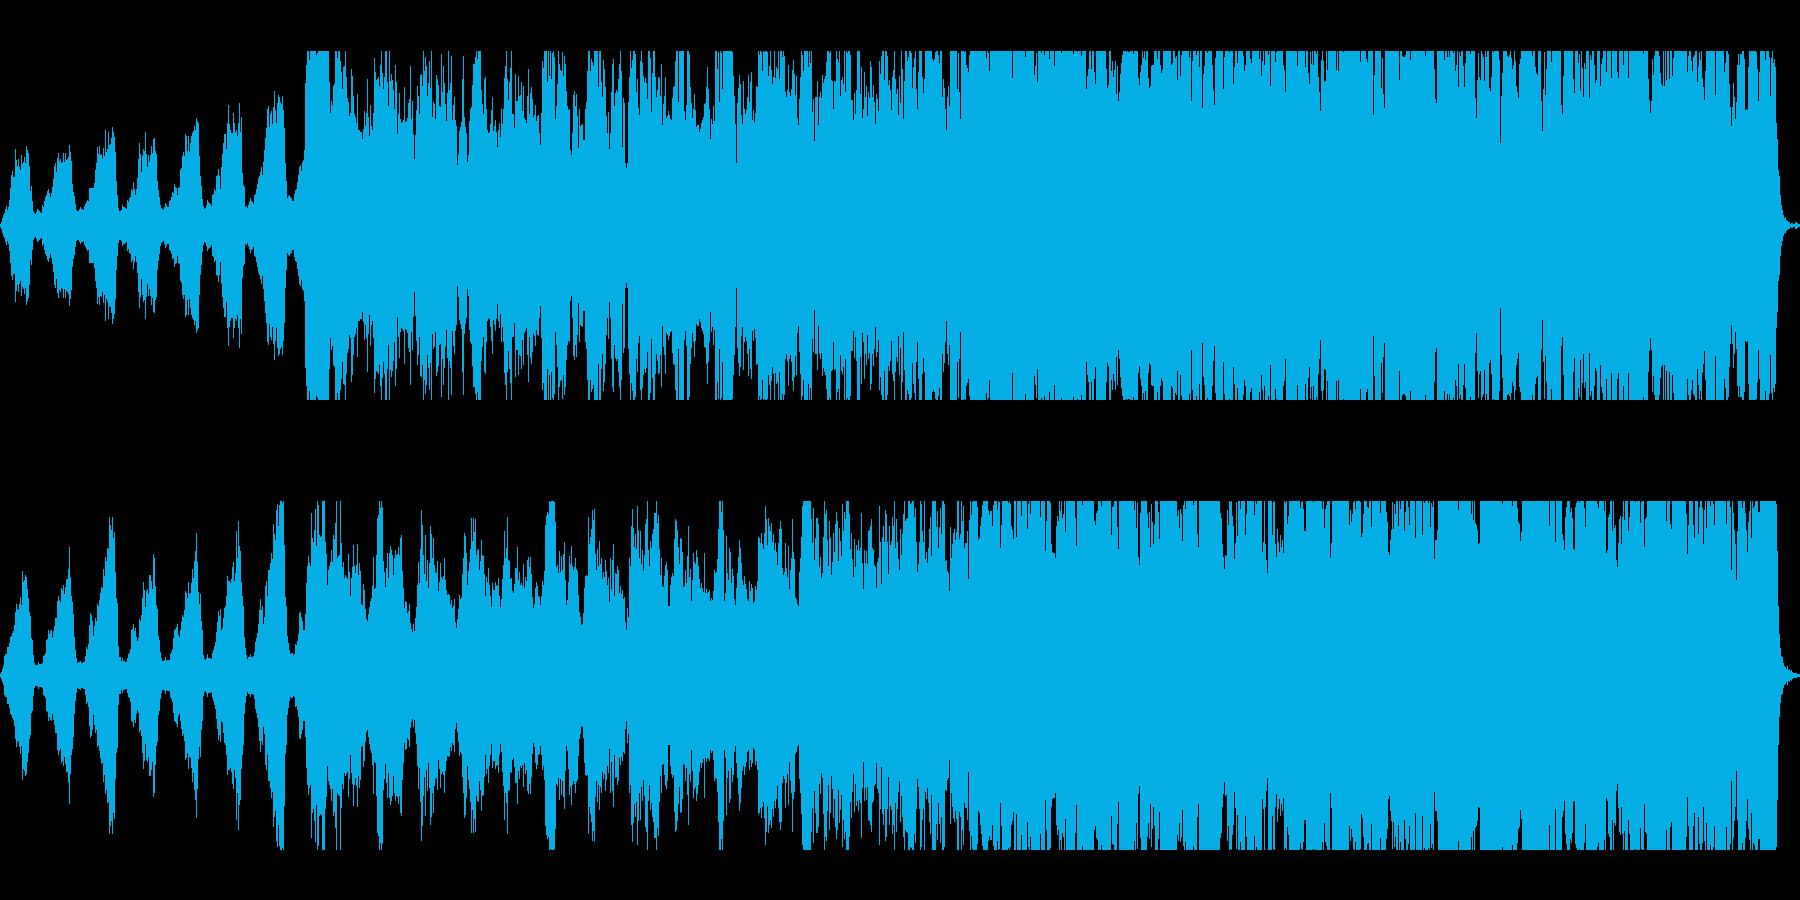 和風/大河ドラマ風暗く切ないオーケストラの再生済みの波形